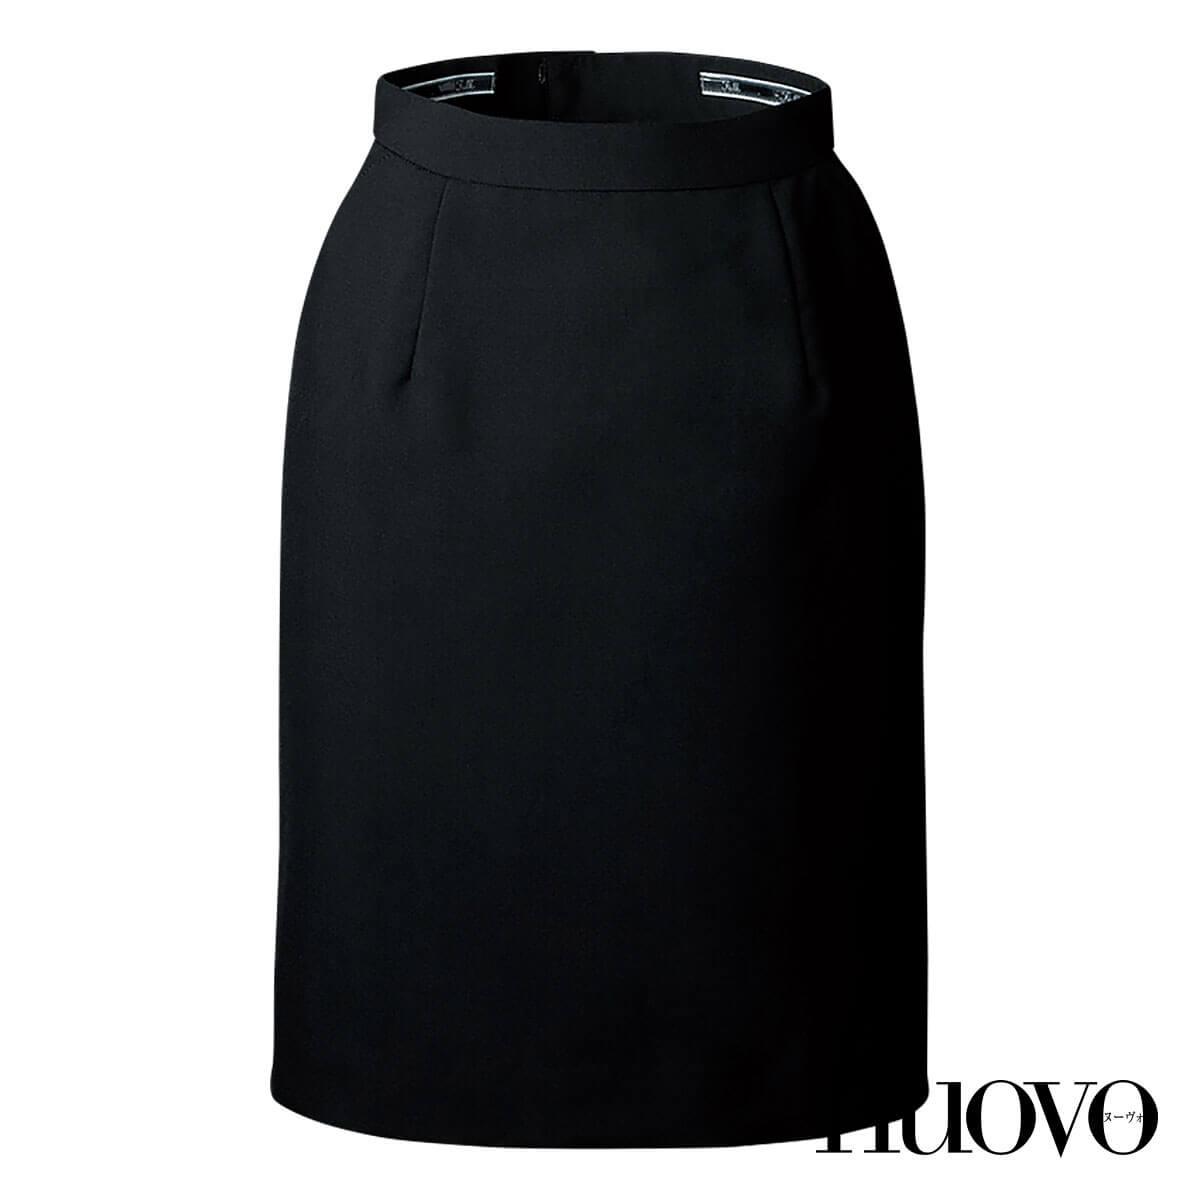 FS45749 バックアップウエストセミタイトスカート